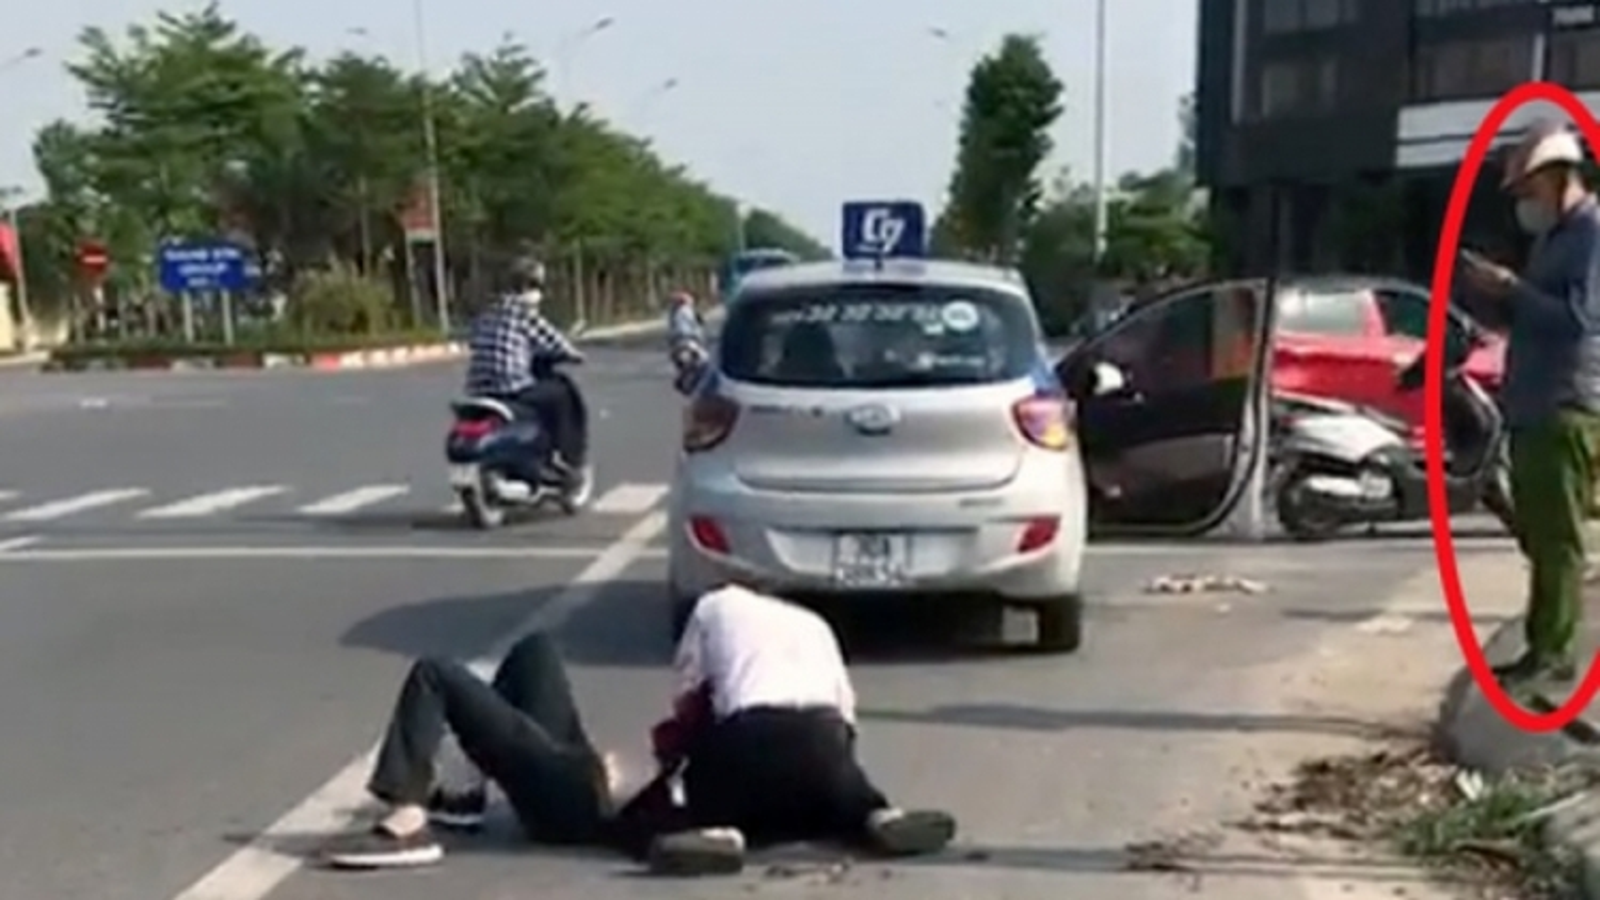 Sau vụ đại úy đứng nhìn tài xế taxi bắt cướp, Công an Hà Nội chấn chỉnh cán bộ, chiến sĩ